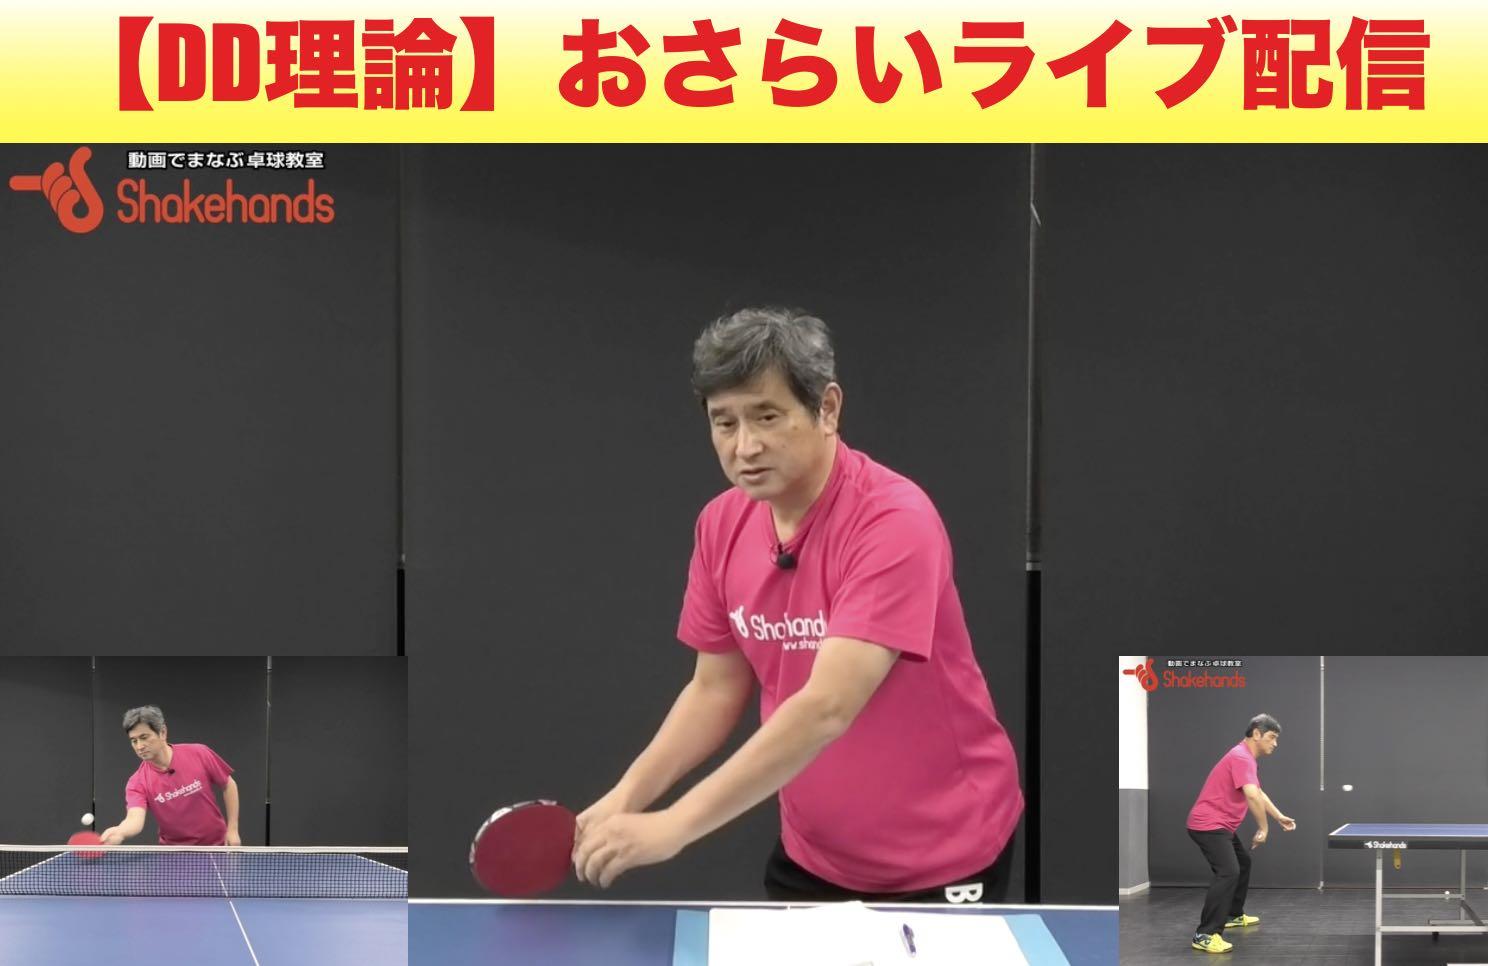 【ライブ配信】7/13(月)22:00〜平岡理論おさらいシリーズ『DD理論』